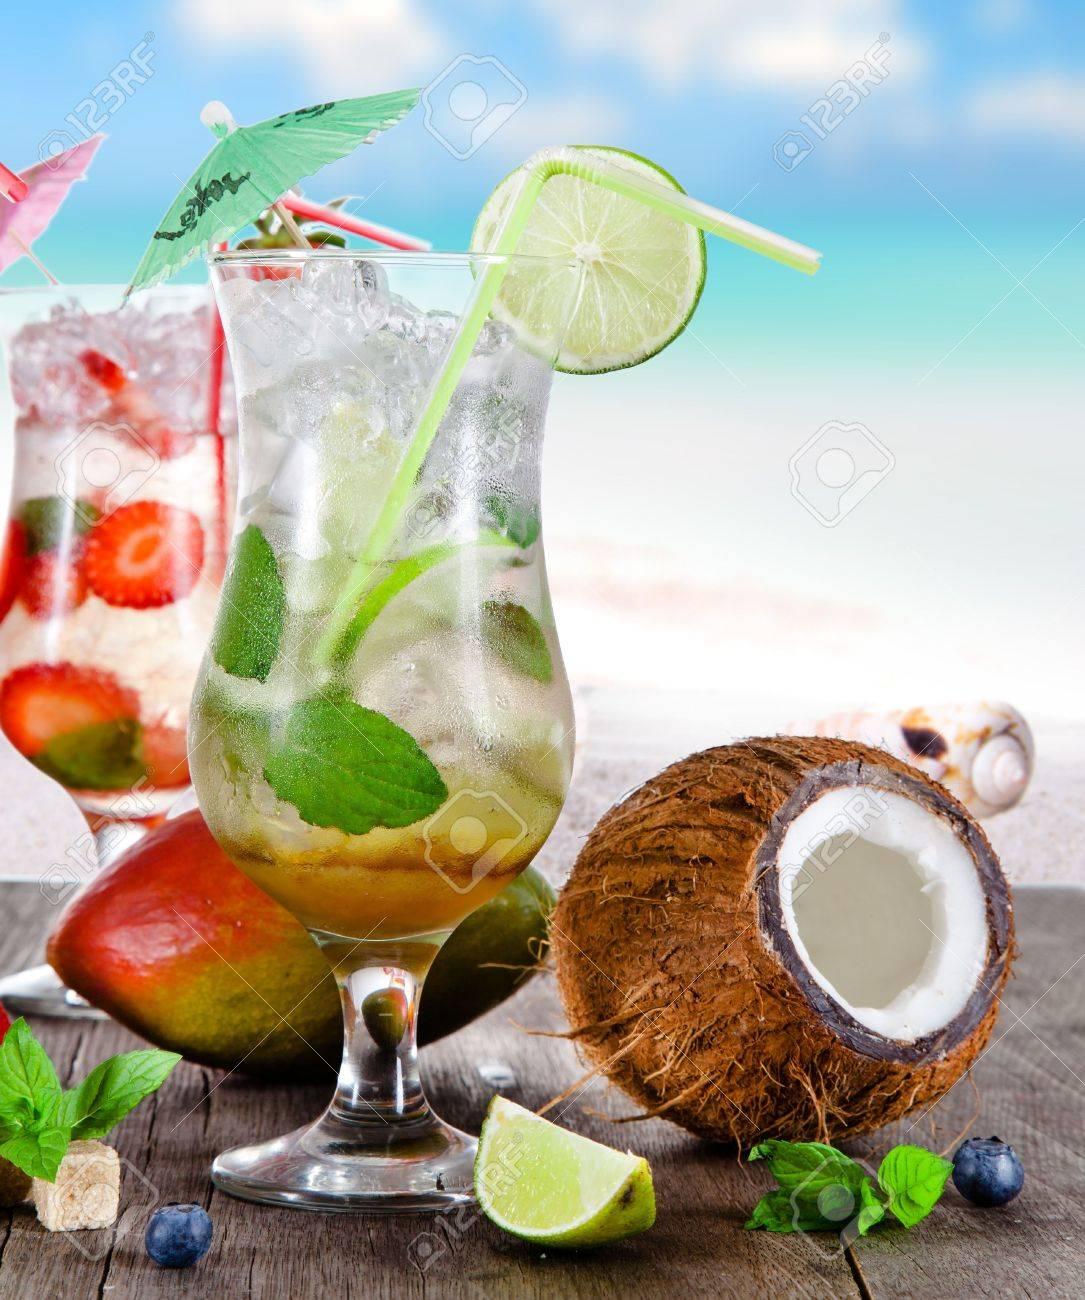 Sommer Getränke Am Strand Lizenzfreie Fotos, Bilder Und Stock ...